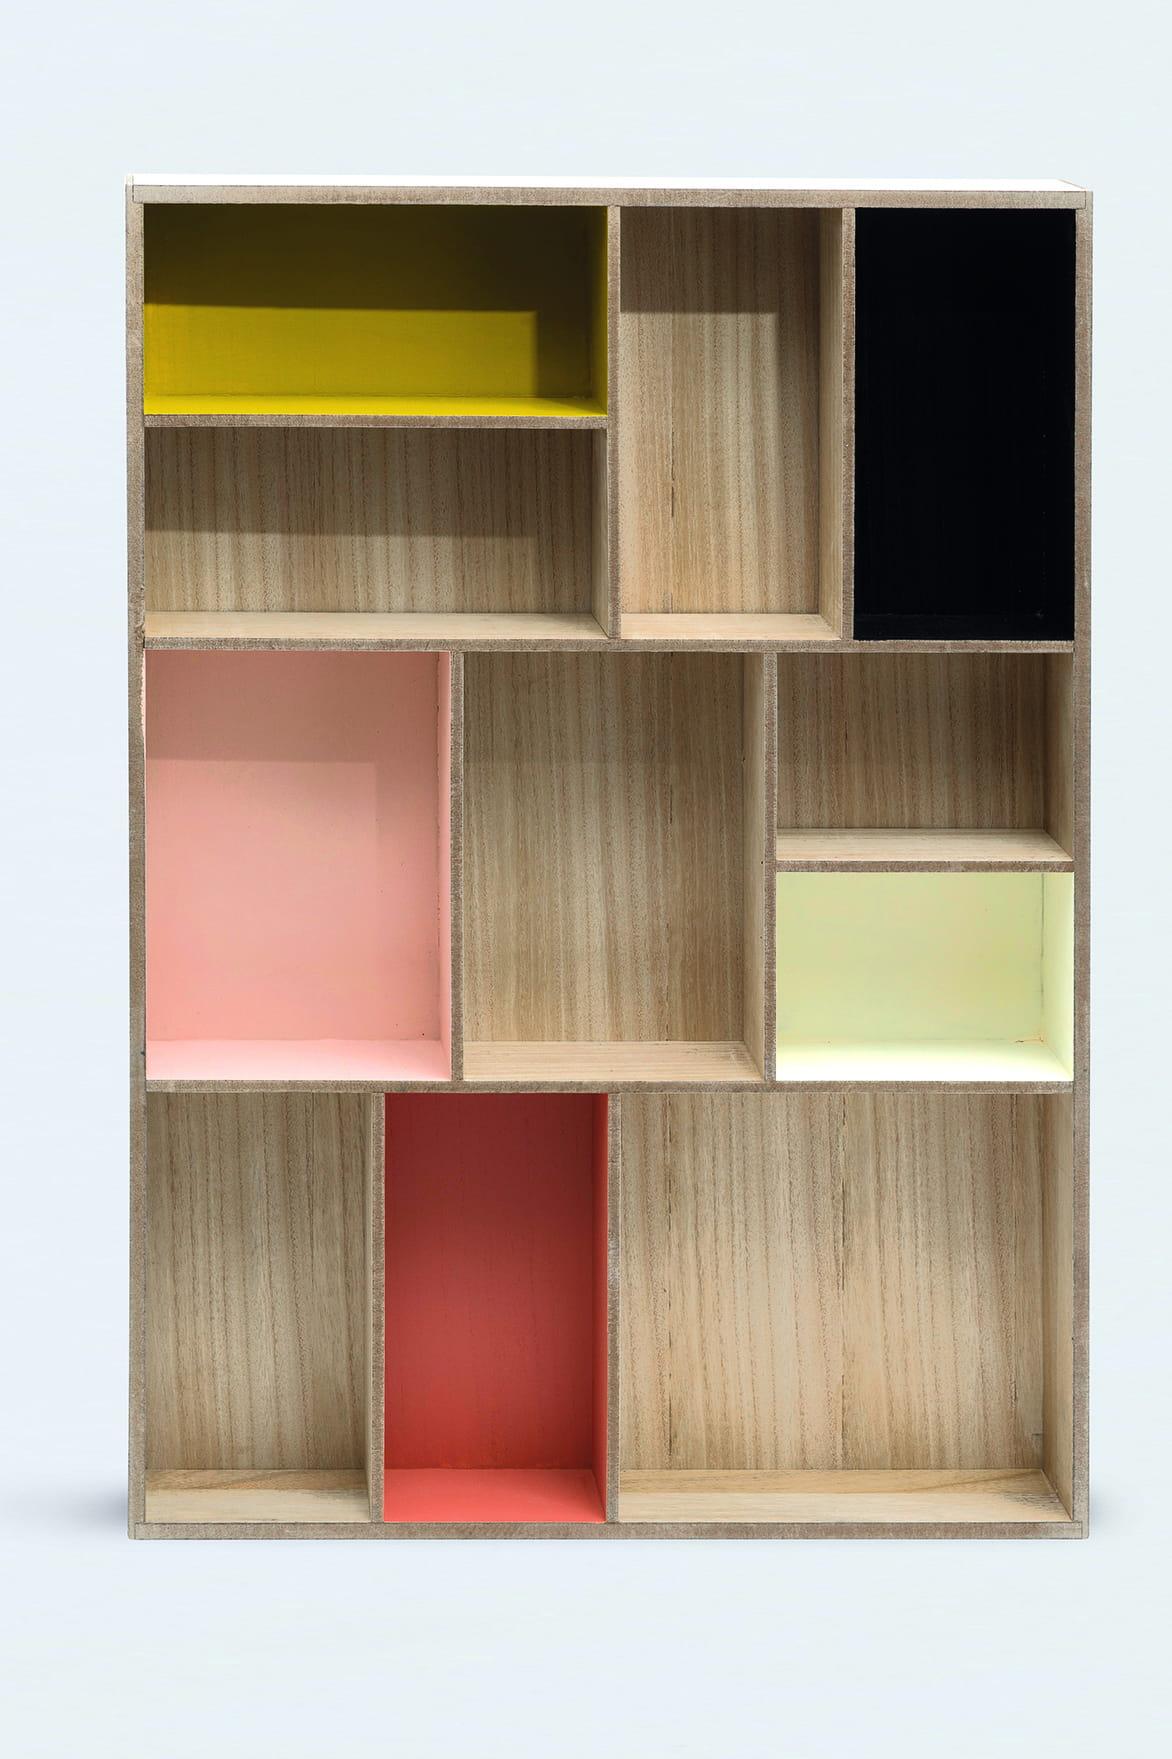 rangement multicases de monoprix tendance d co la mini. Black Bedroom Furniture Sets. Home Design Ideas